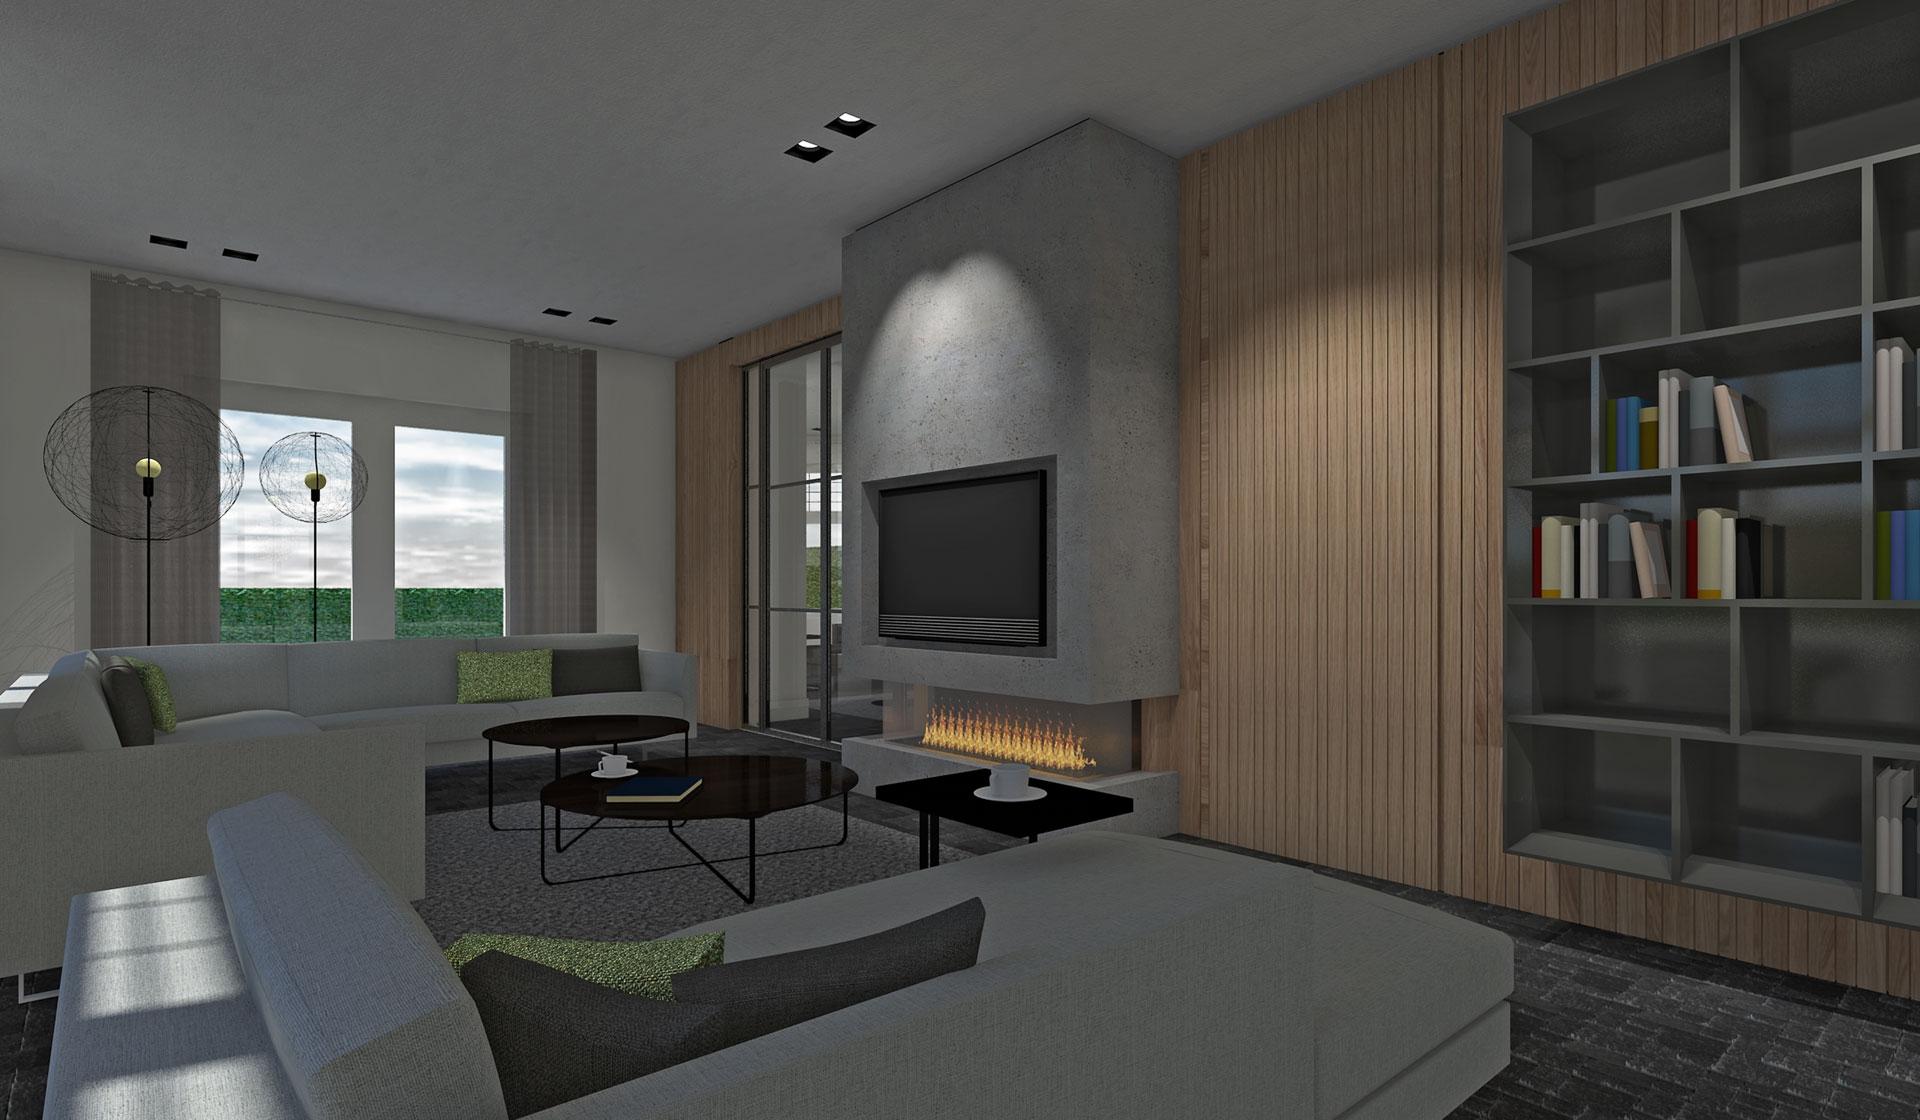 Interieurarchitectuur - Het Fundament Architectuur